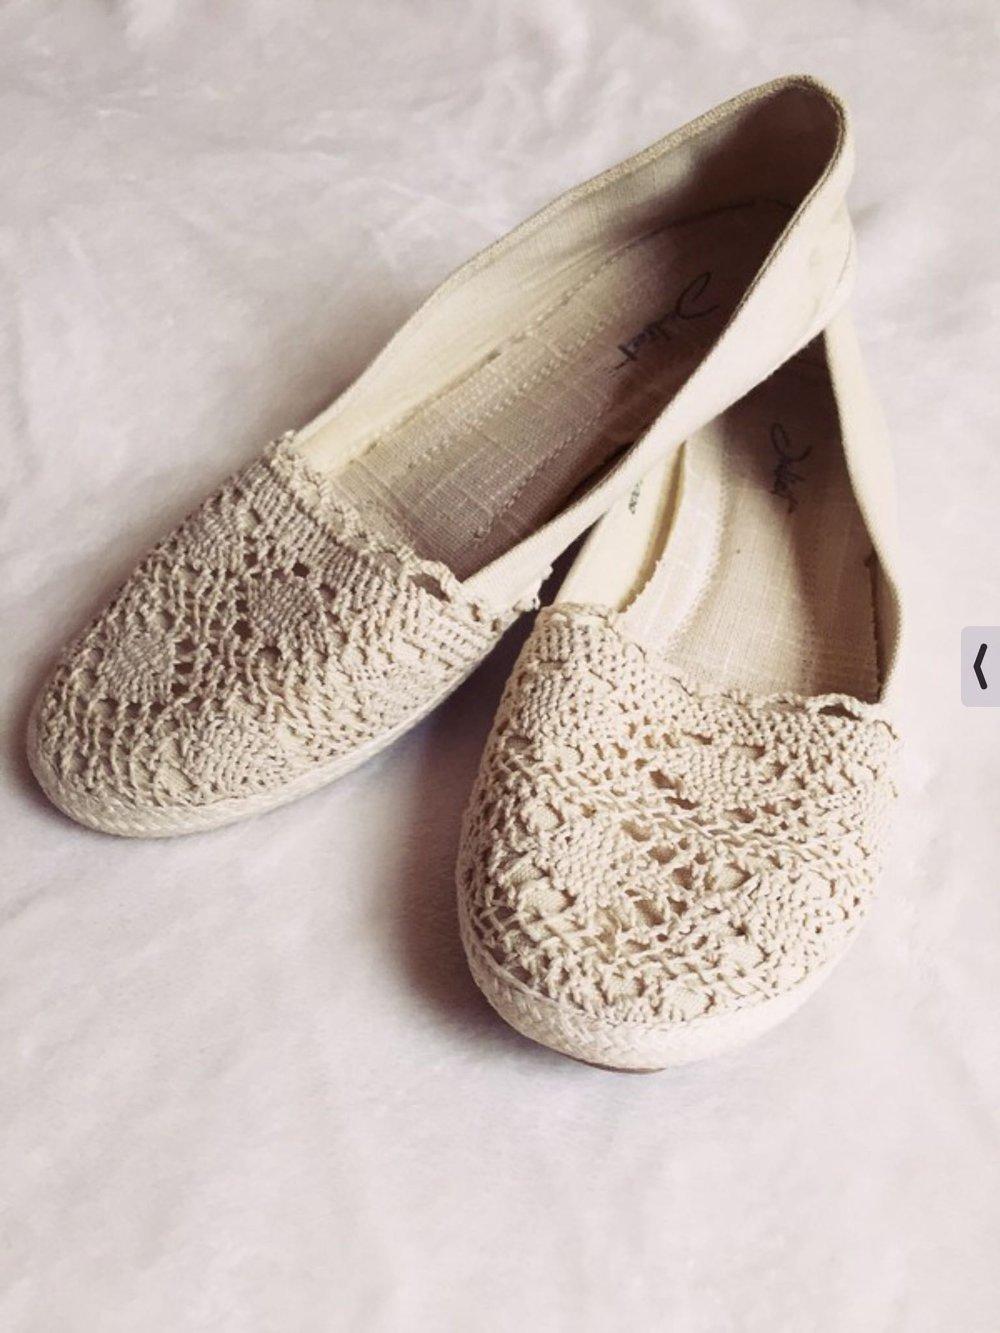 7f1415dd4787df Weiße Schuhe im Häkellook Ballerinas mit Spitze    Kleiderkorb.de